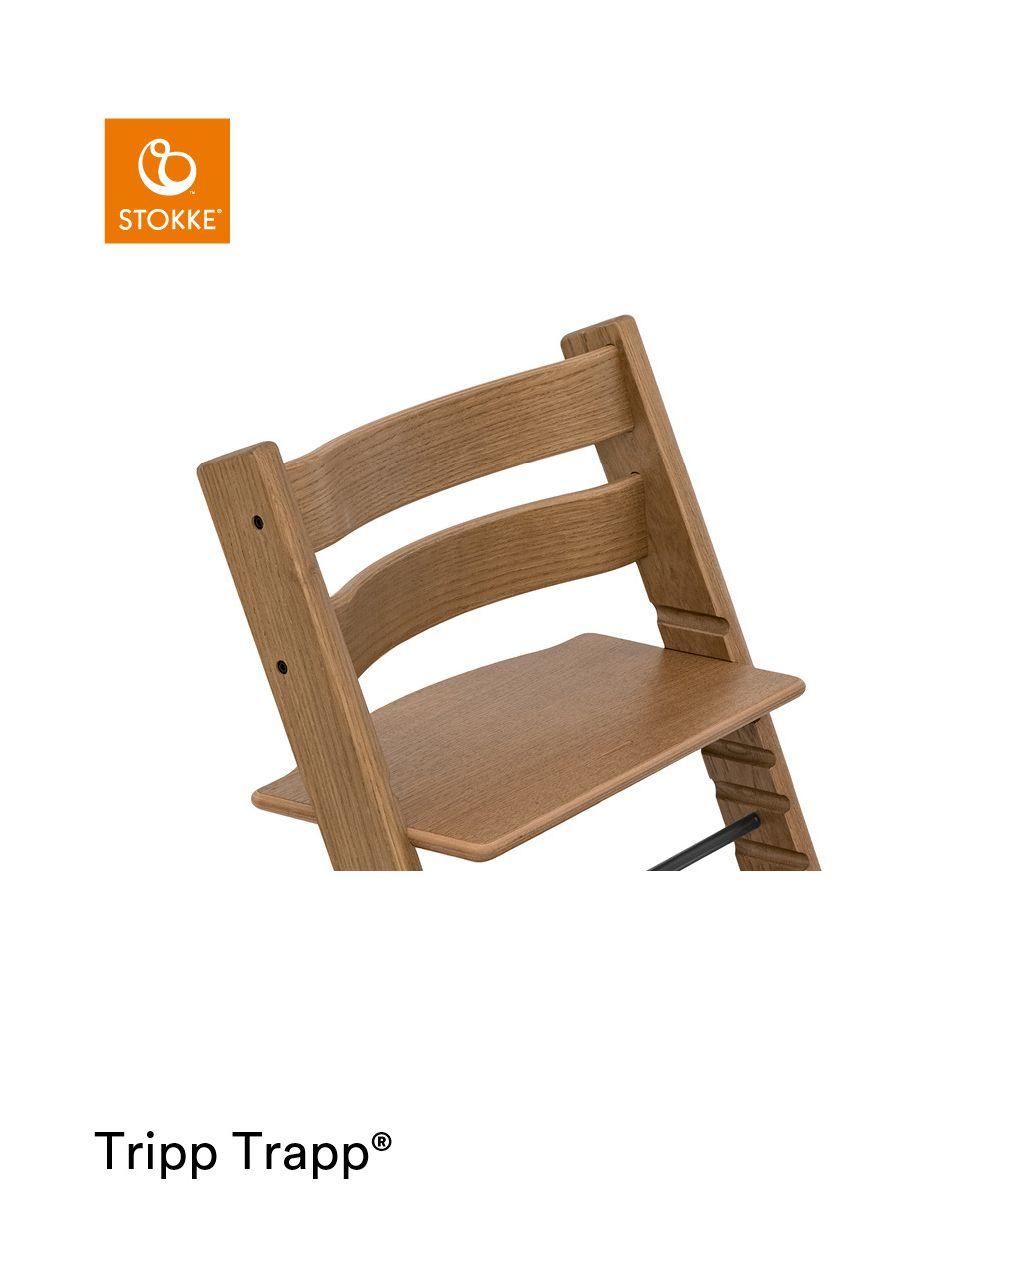 Tripp trapp® rovere marrone.un iconico pezzo di natura - Stokke